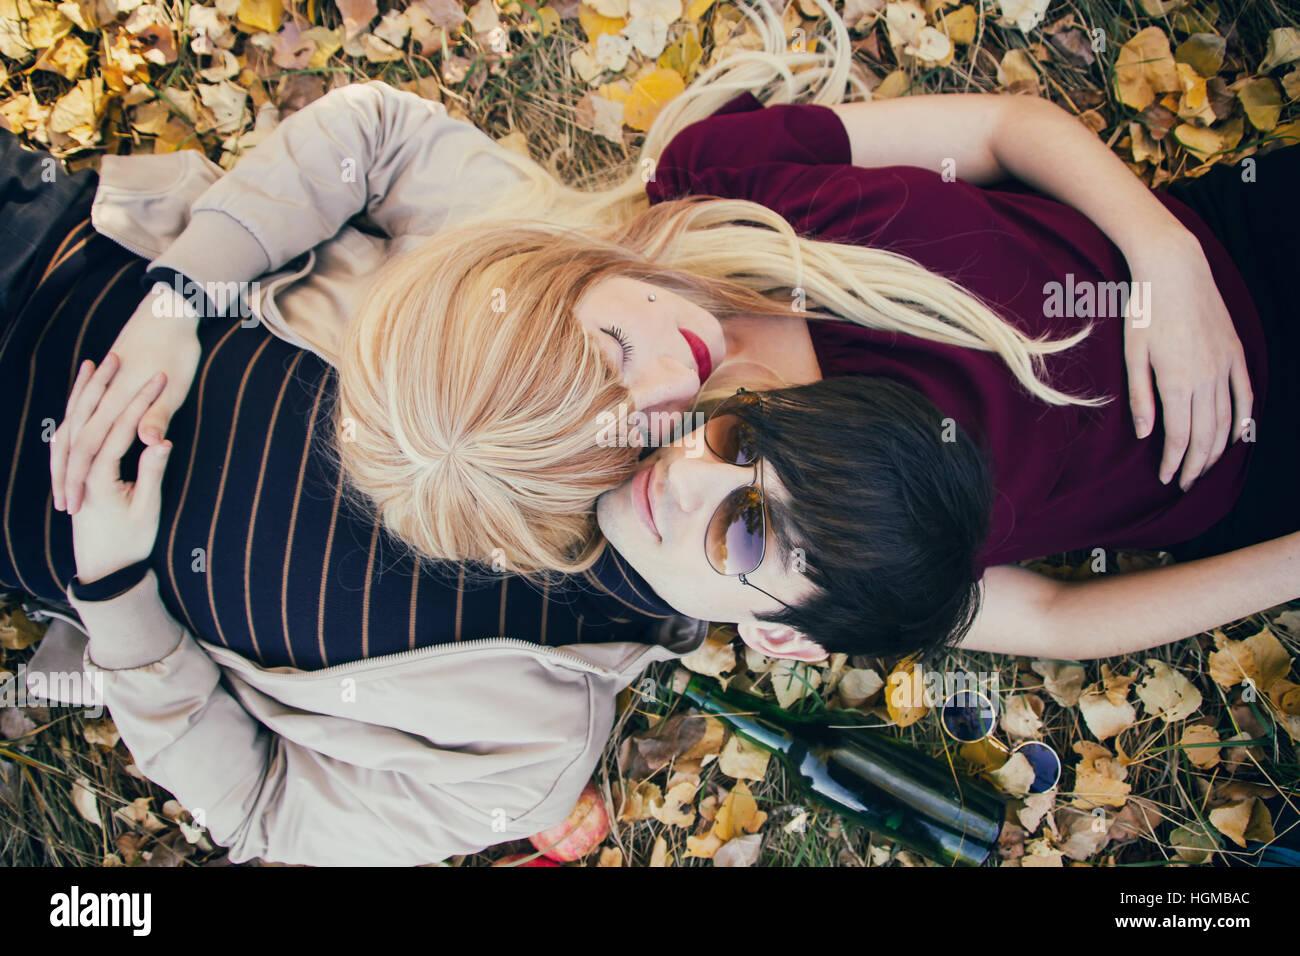 Coppia giovane sdraiato sul pavimento in un parco in autunno Immagini Stock